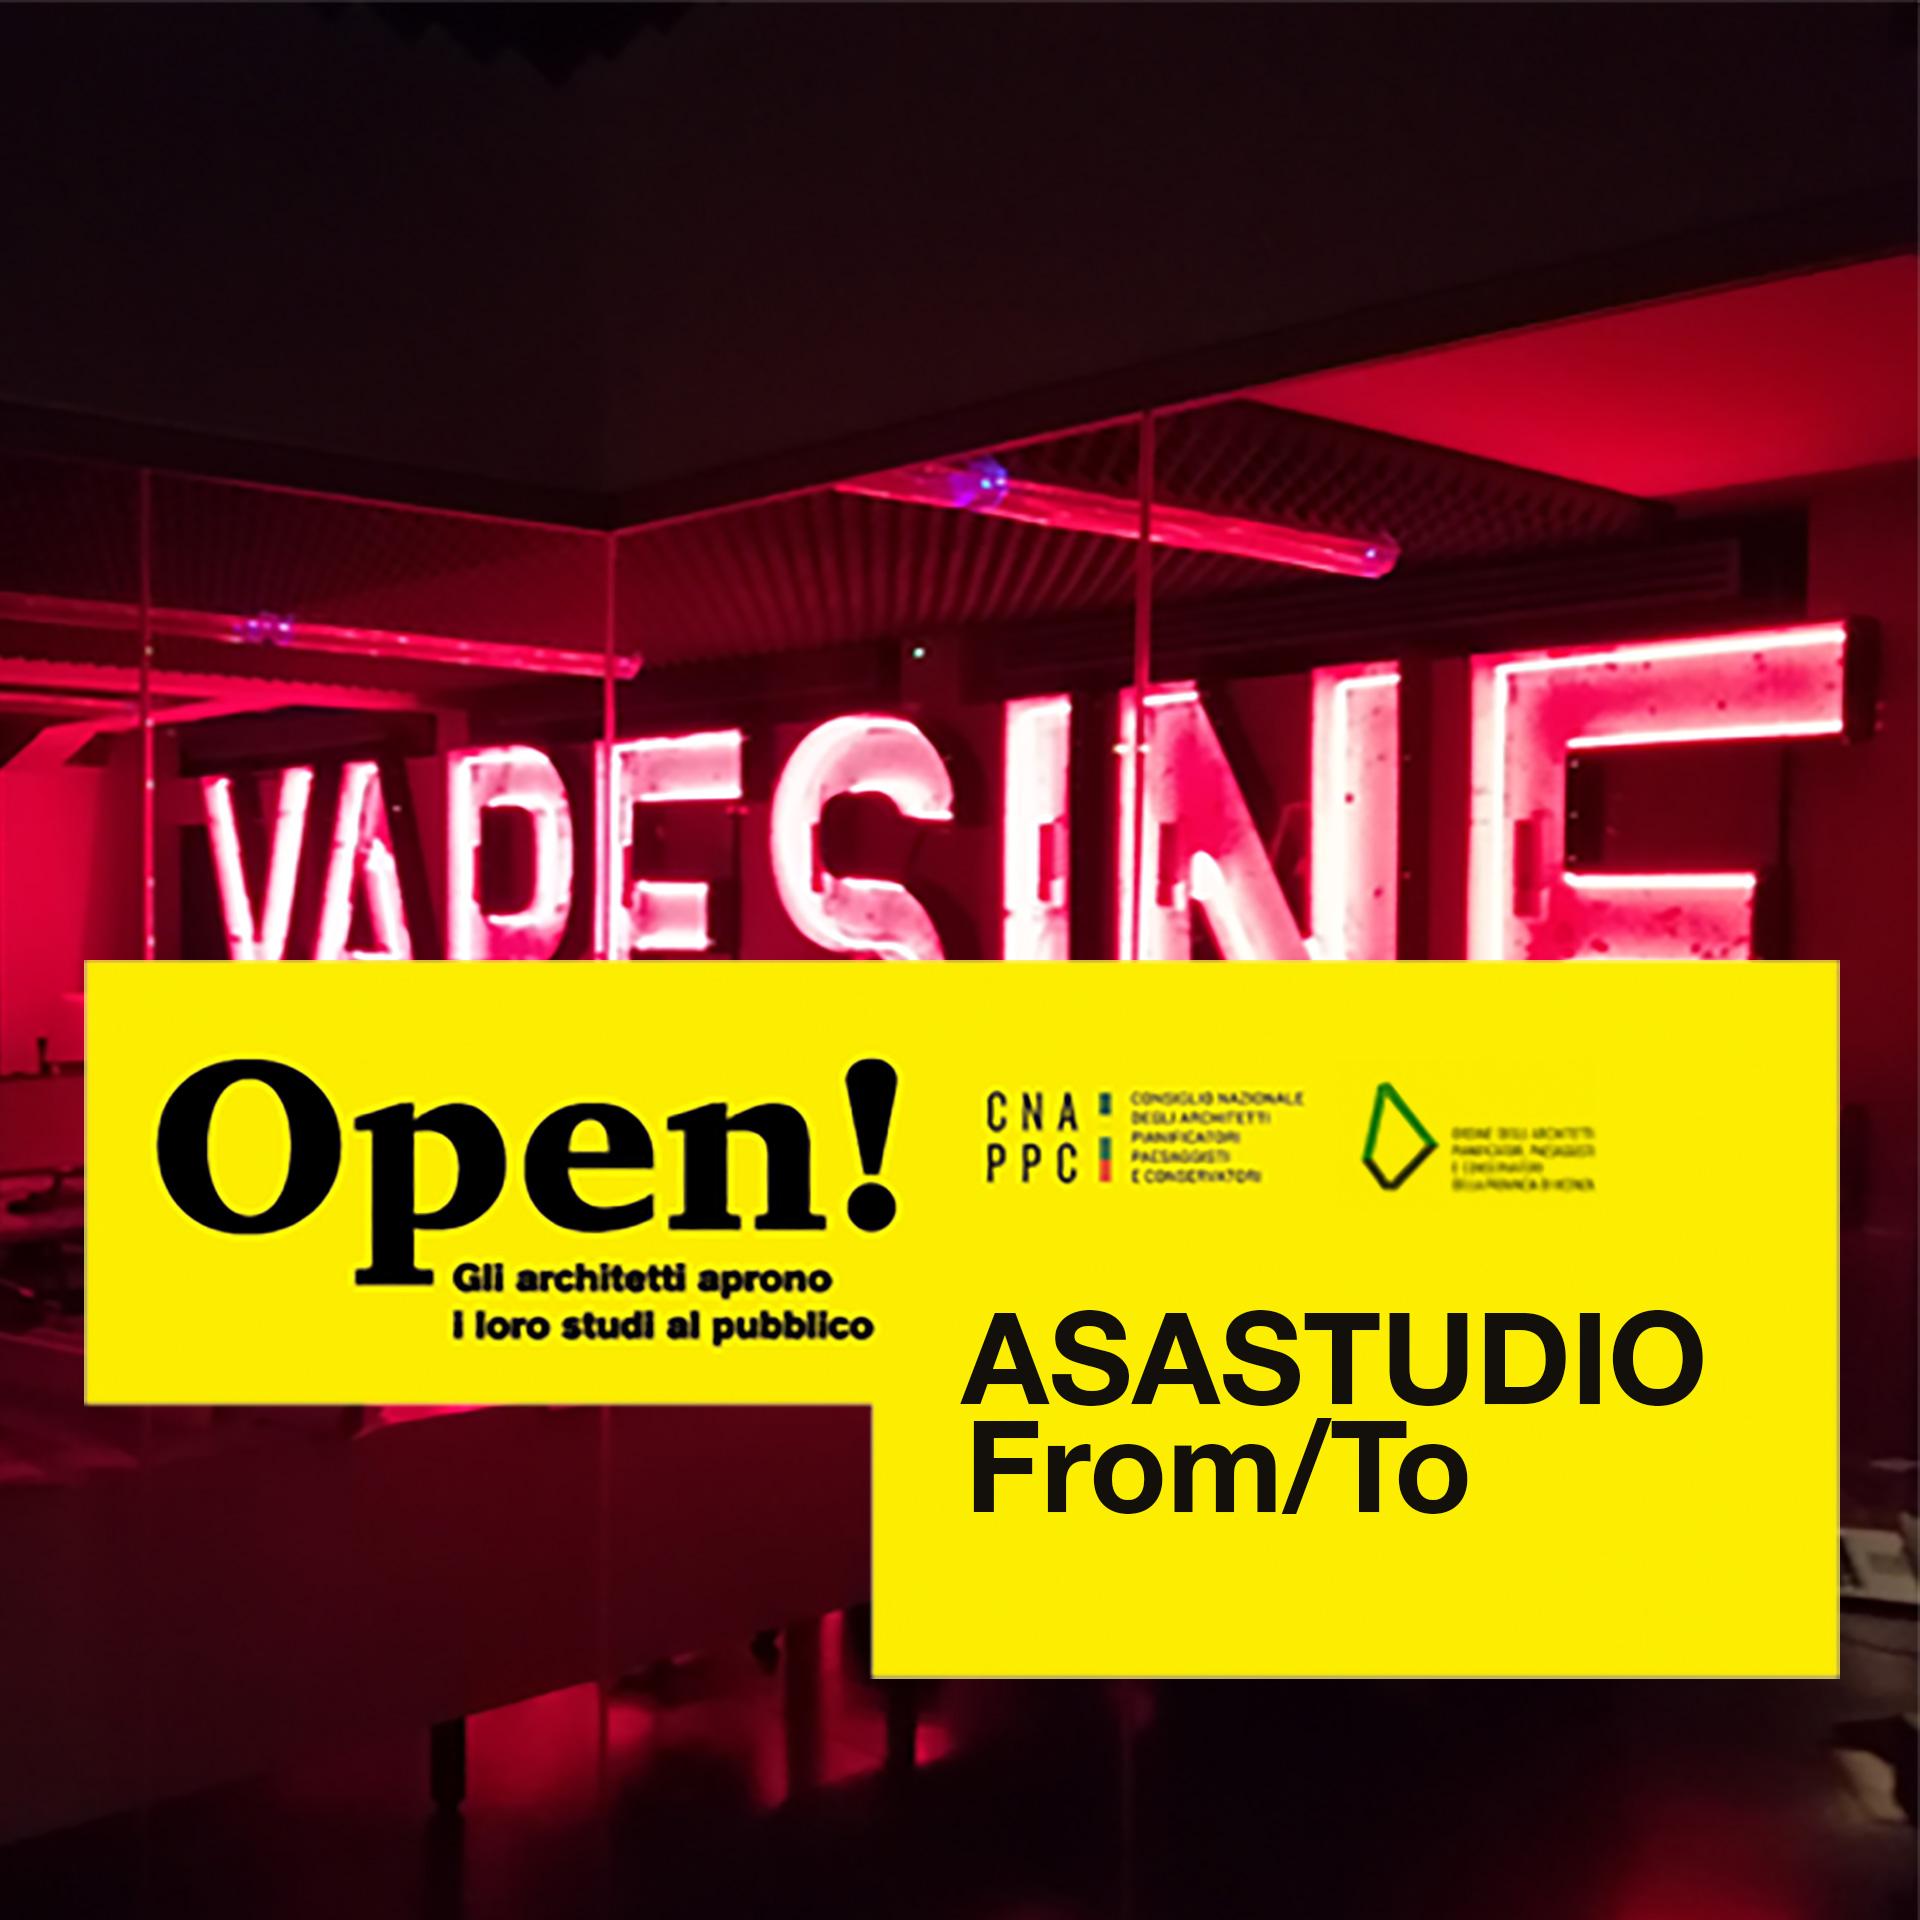 Immagine dell'openspace di asastudio